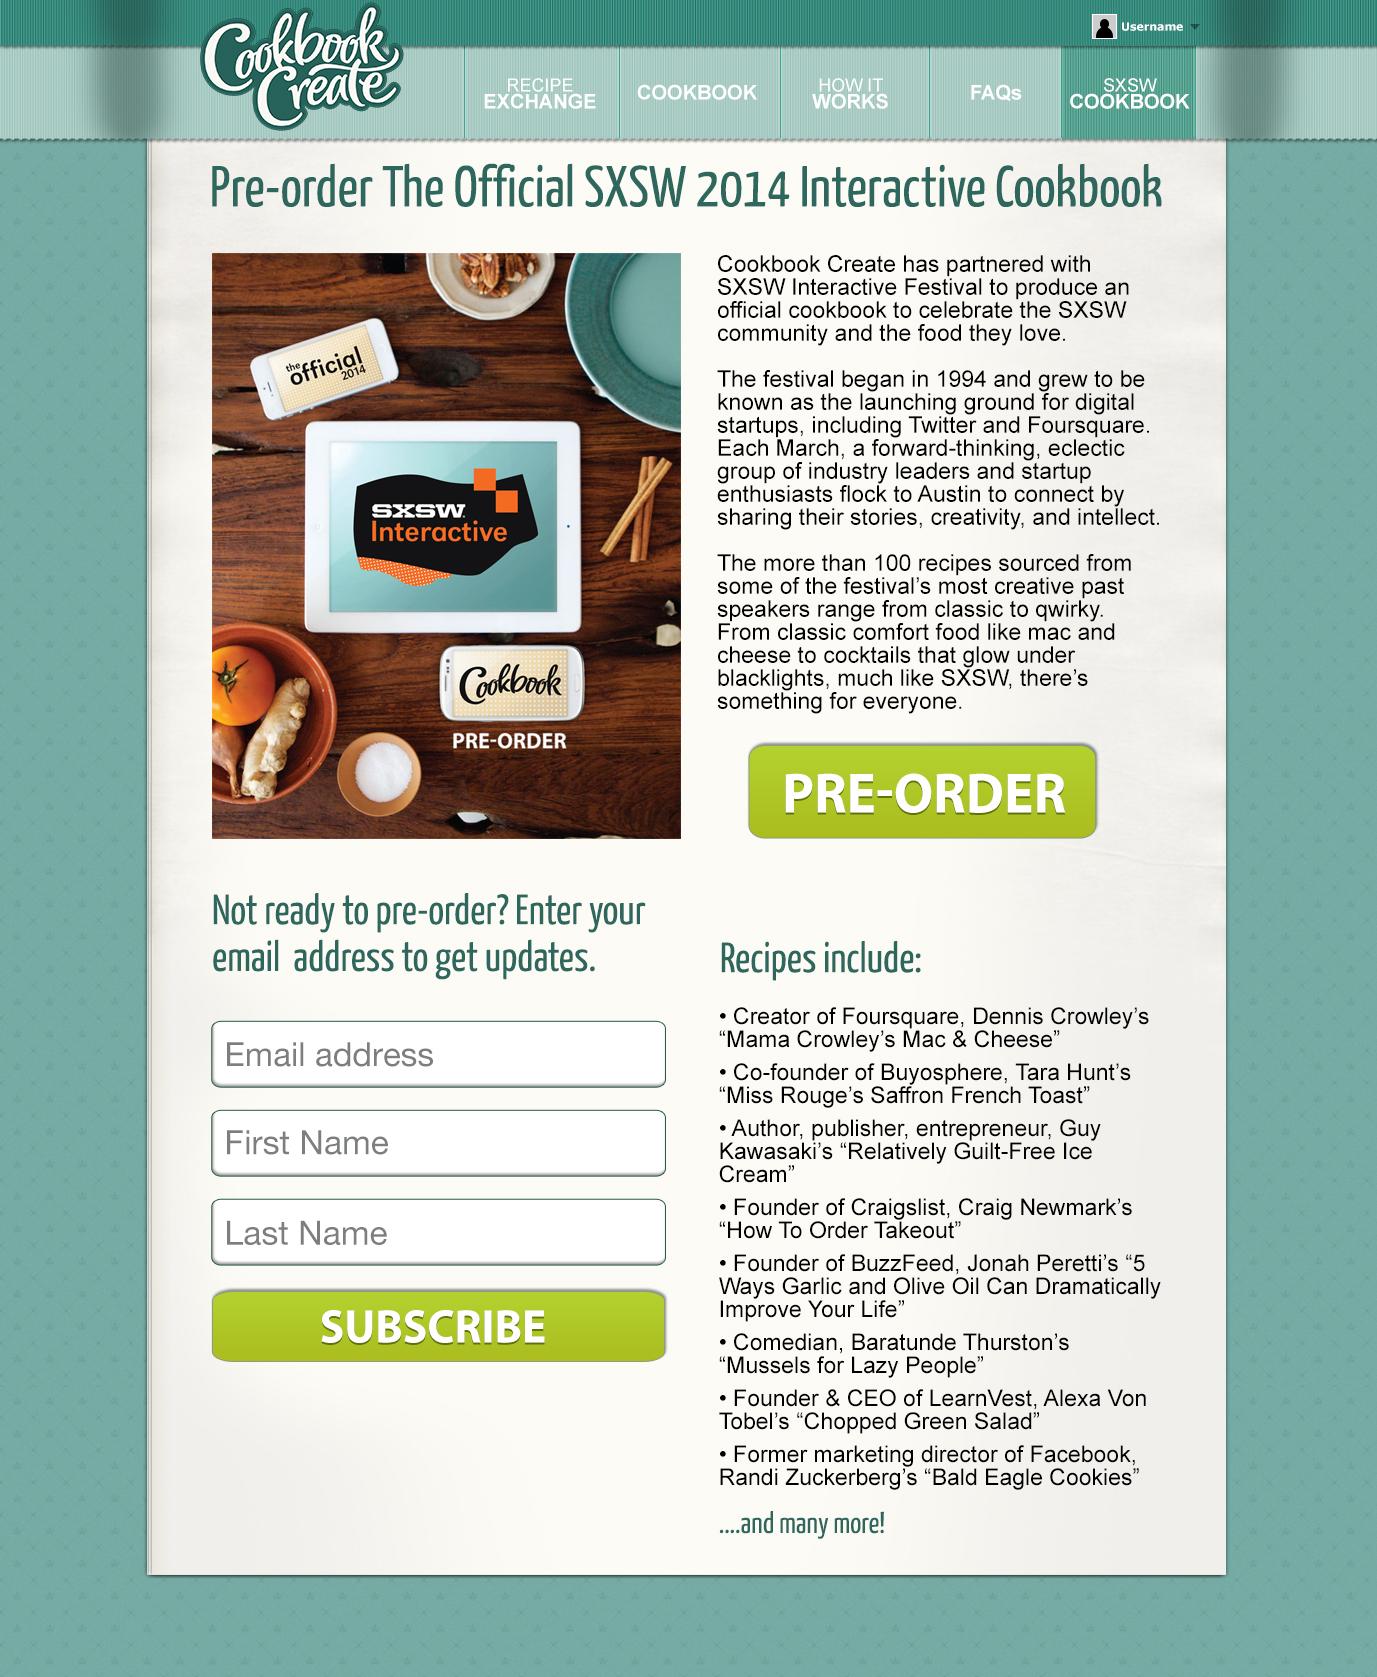 SXSWCookbookSale_v3.jpg